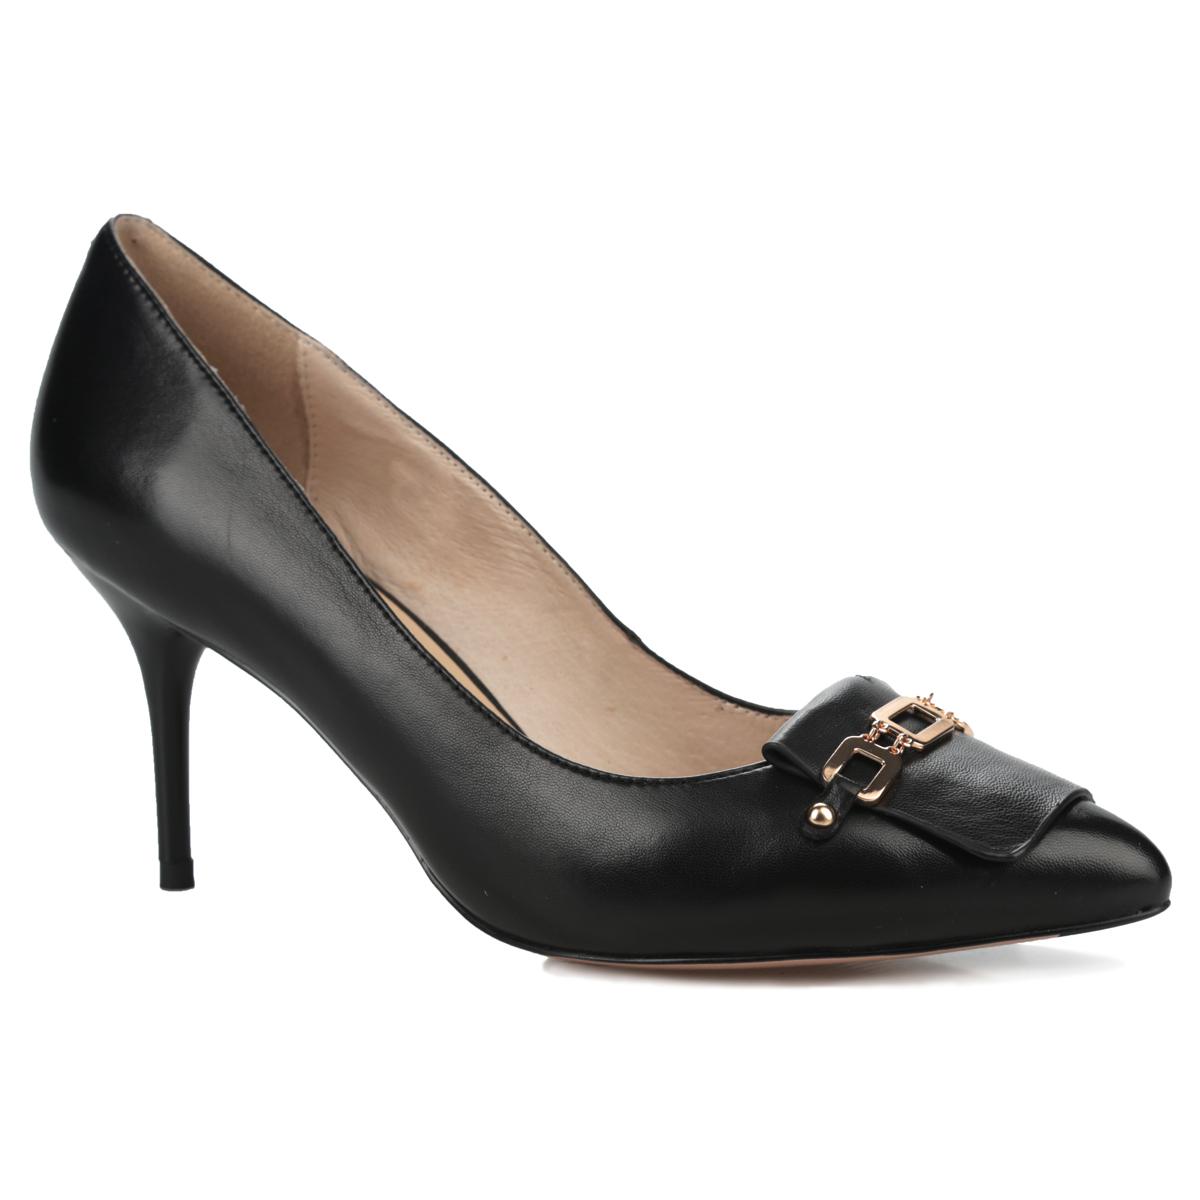 Туфли женские. 227-122-10227-122-10Шикарные женские туфли от Dino Ricci не оставят вас незамеченной! Модель выполнена из натуральной кожи. Мыс оформлен кожаной накладкой, сверху украшенной металлической цепочкой. Зауженный носок смотрится женственно. Стелька и подкладка из натуральной кожи позволяют ногам дышать. Умеренной высоты каблук устойчив. Подошва с противоскользящим рифлением оформлена металлической пластиной с гравировкой в виде названия бренда. Изысканные туфли подчеркнут вашу утонченную натуру.